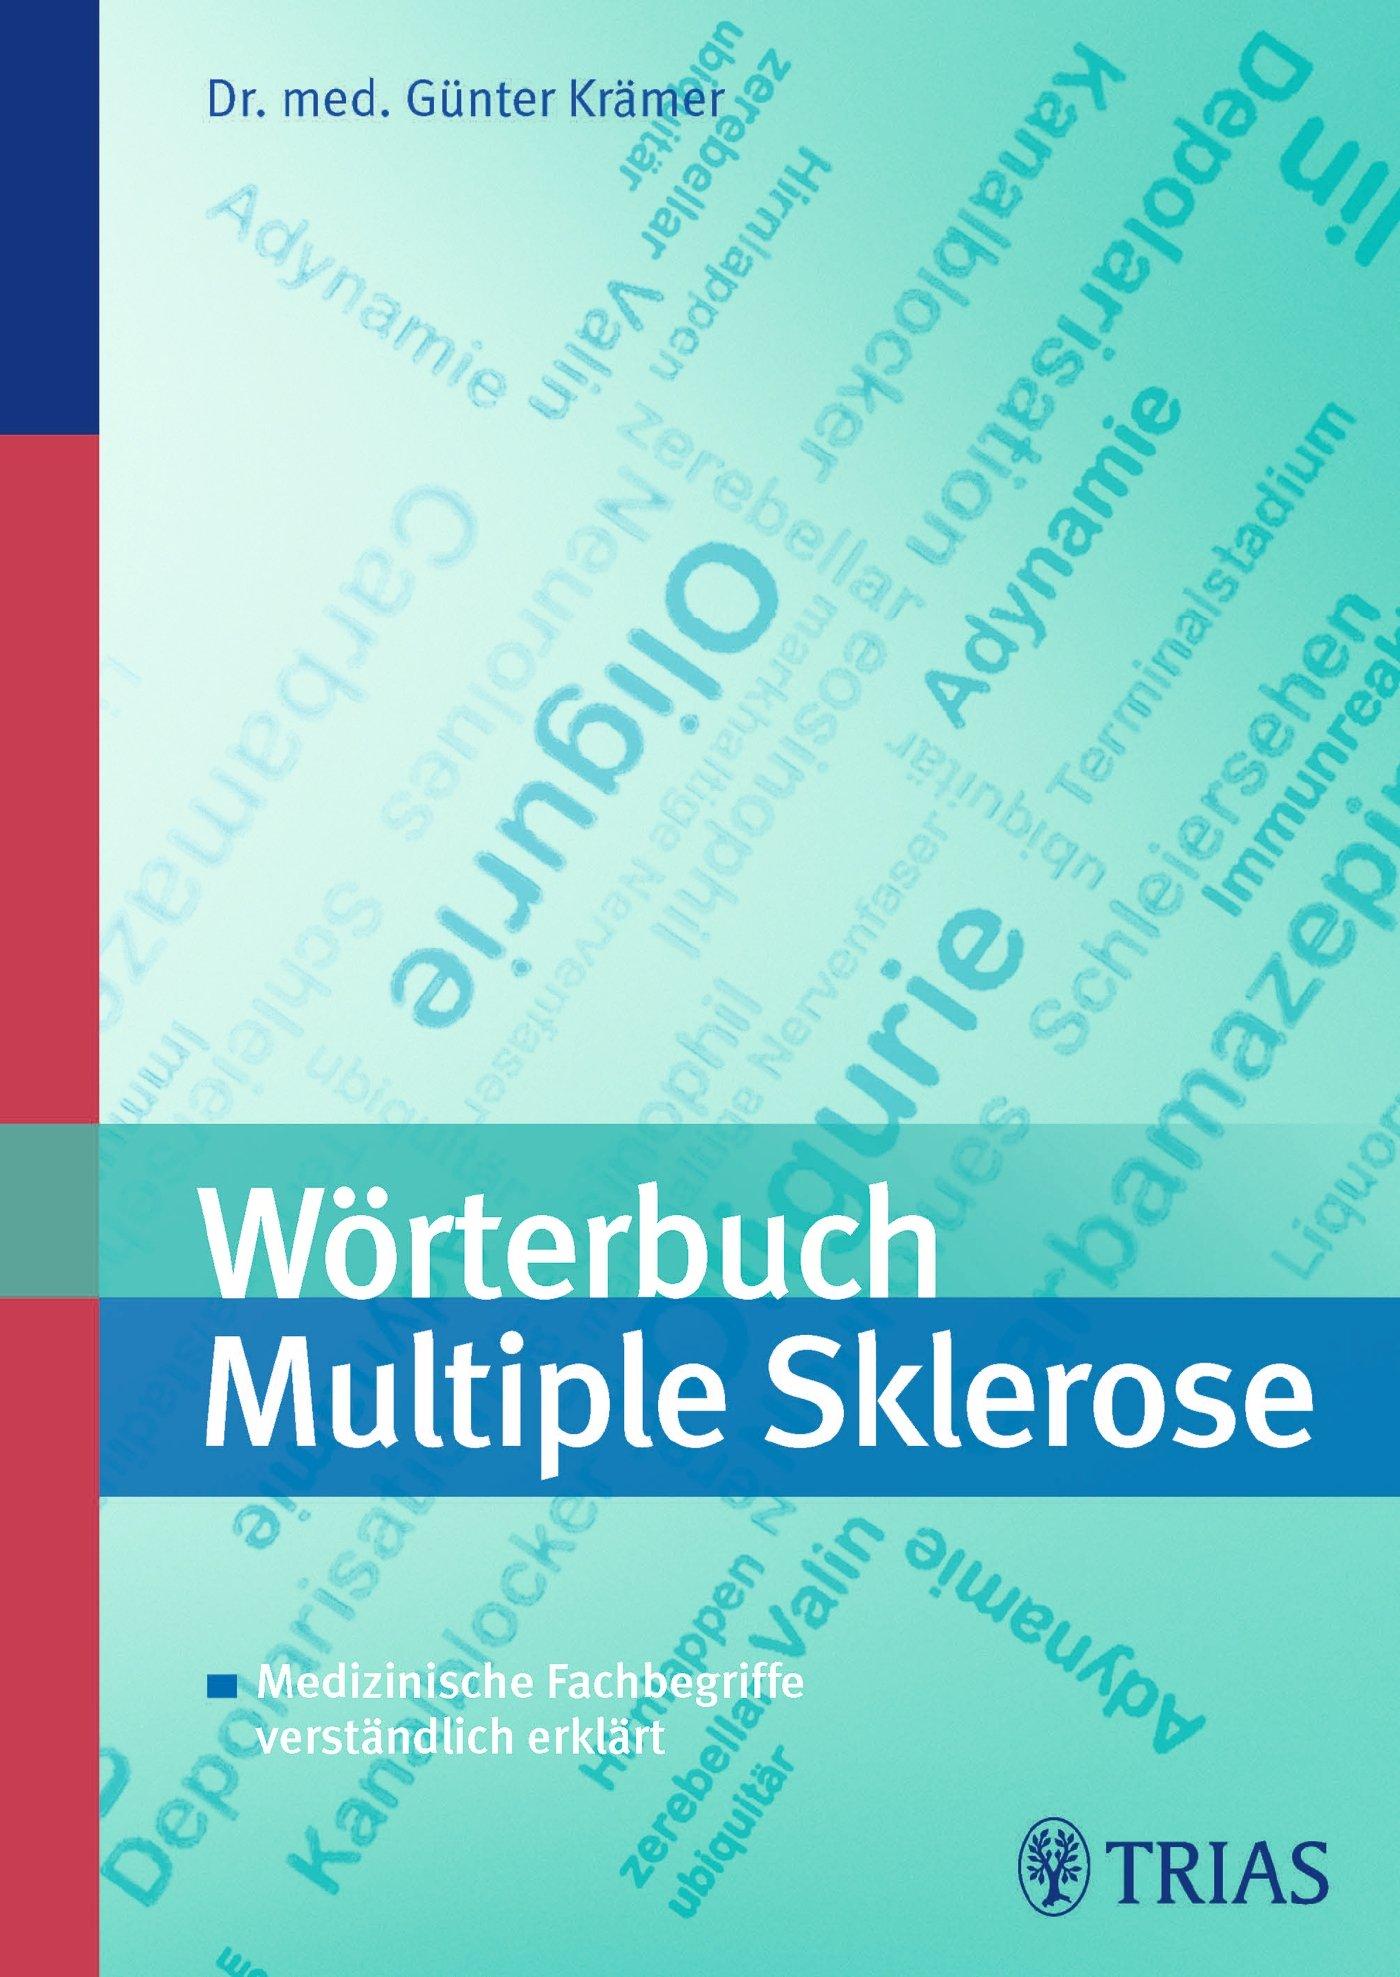 Wörterbuch Multiple Sklerose: Medizinische Fachbegriffe verständlich erklärt